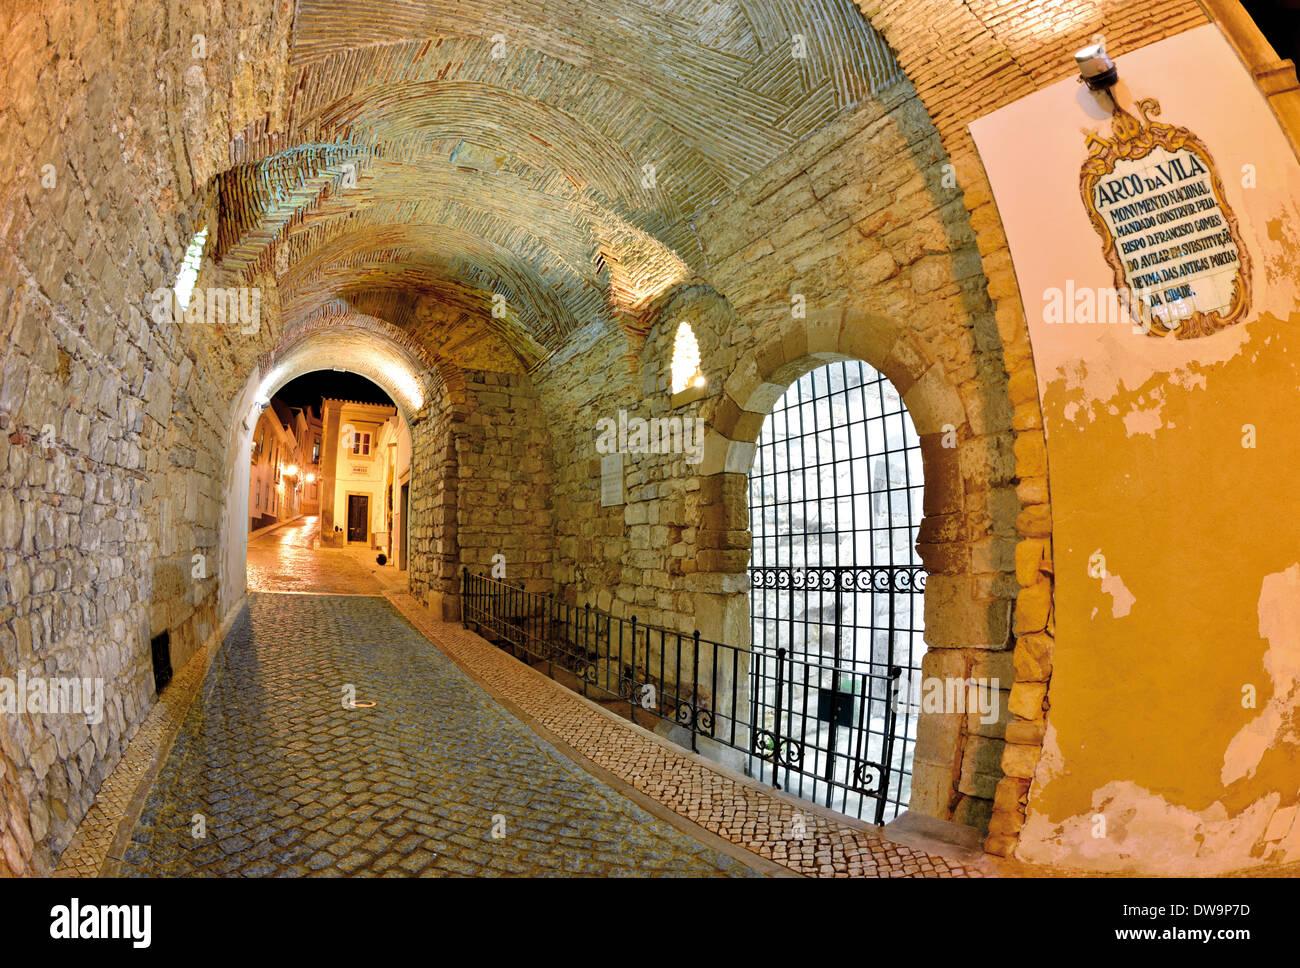 Portugal,Algarve: Historic town gate Arco da Vila in Faro - Stock Image